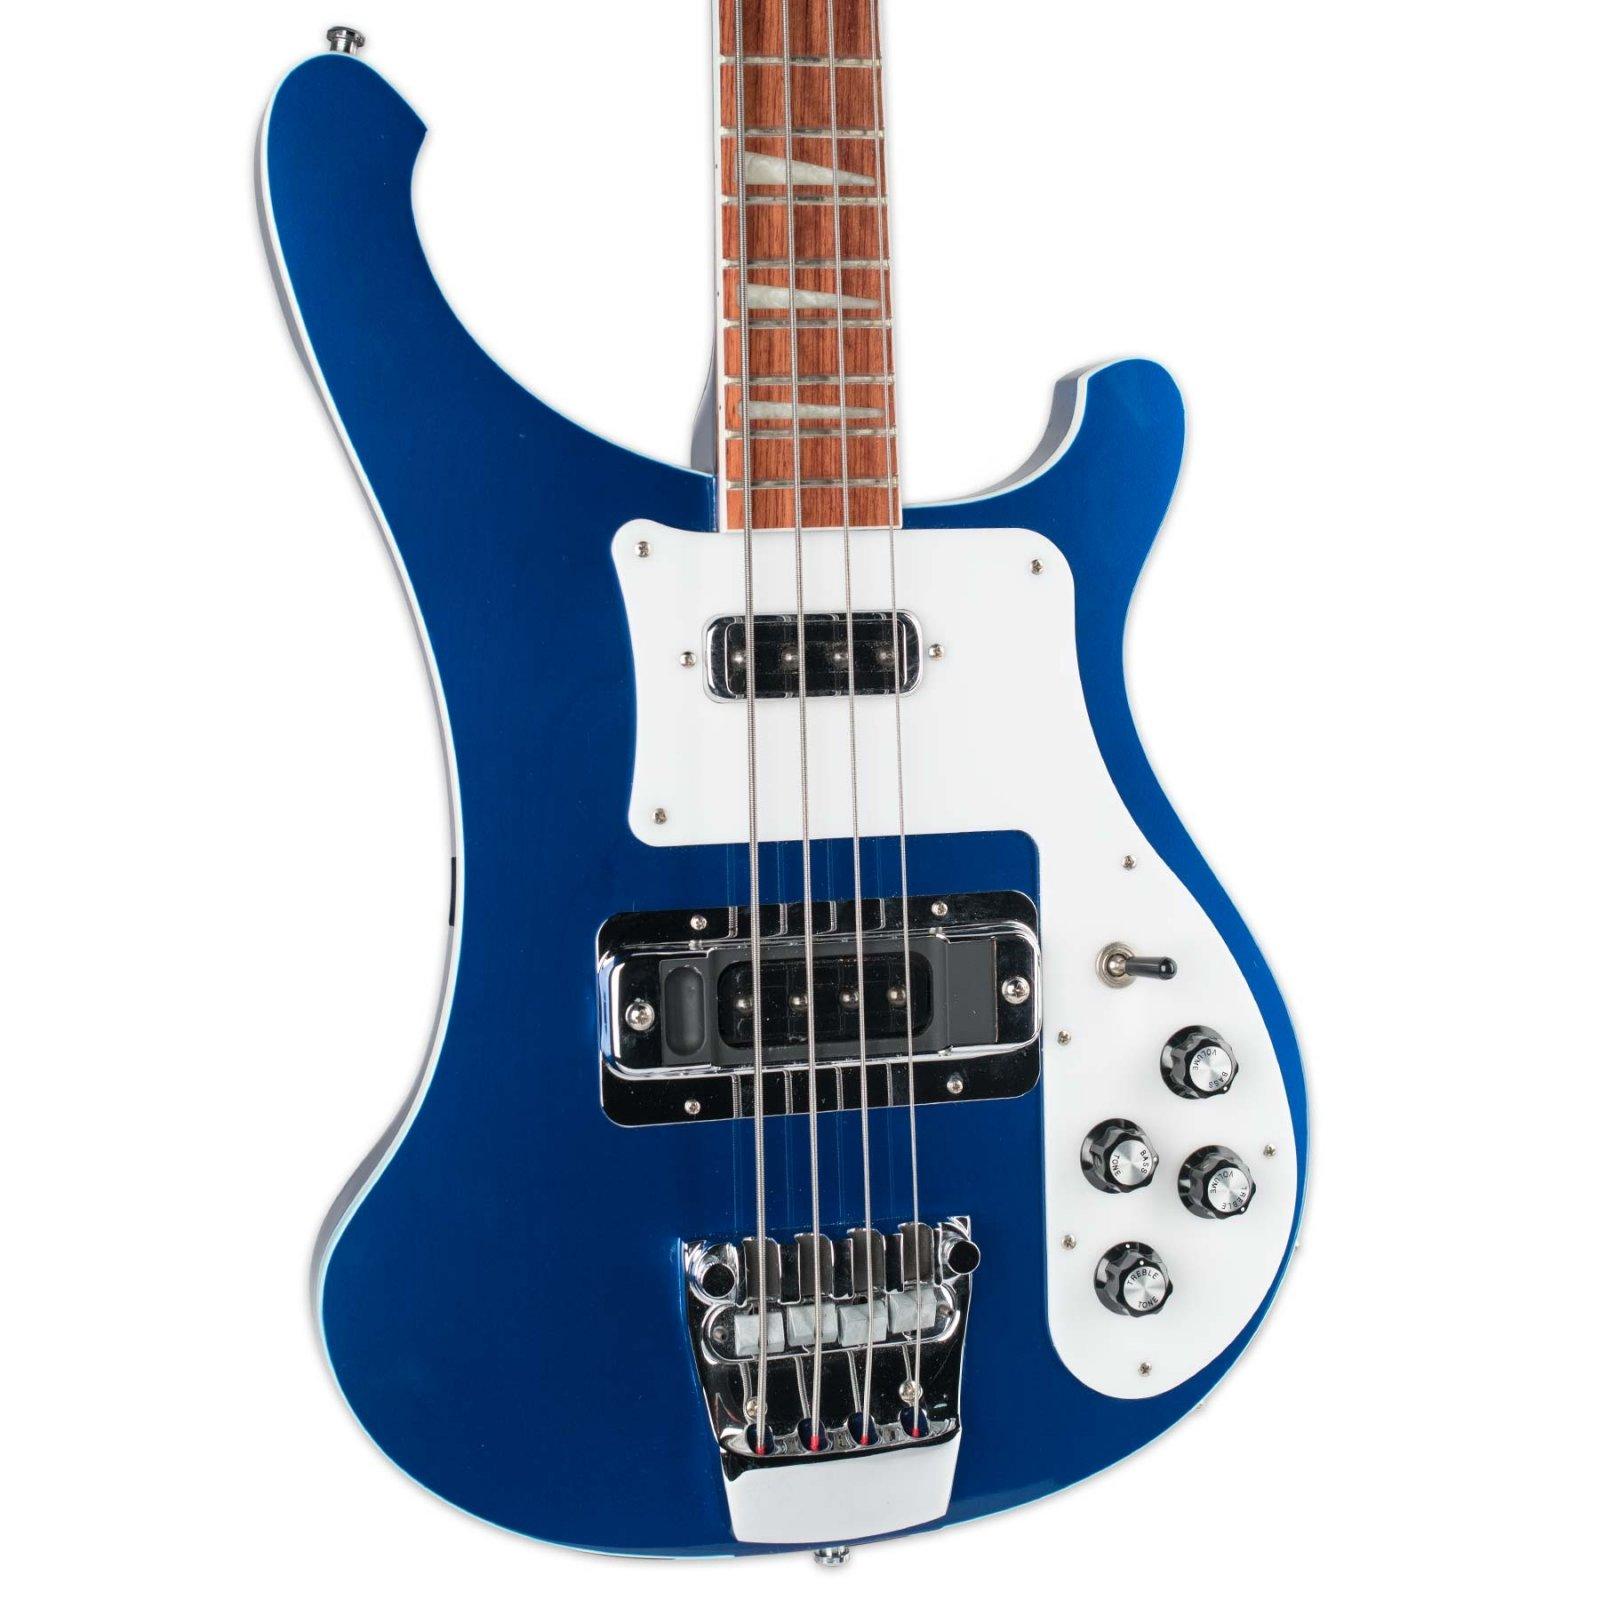 Rickenbacker 4003 Midnight Blue Bass